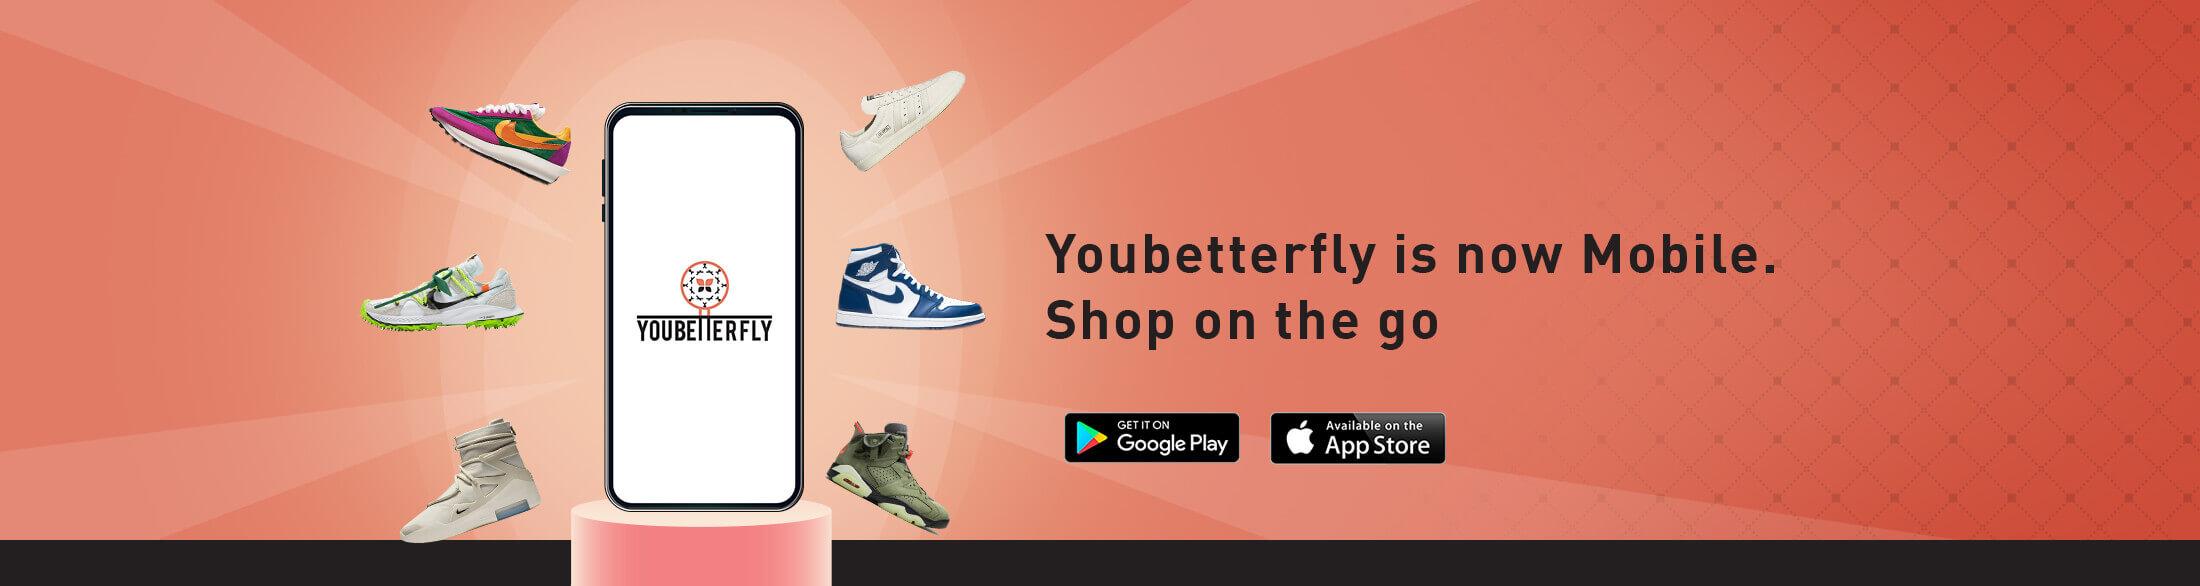 youbetterfly